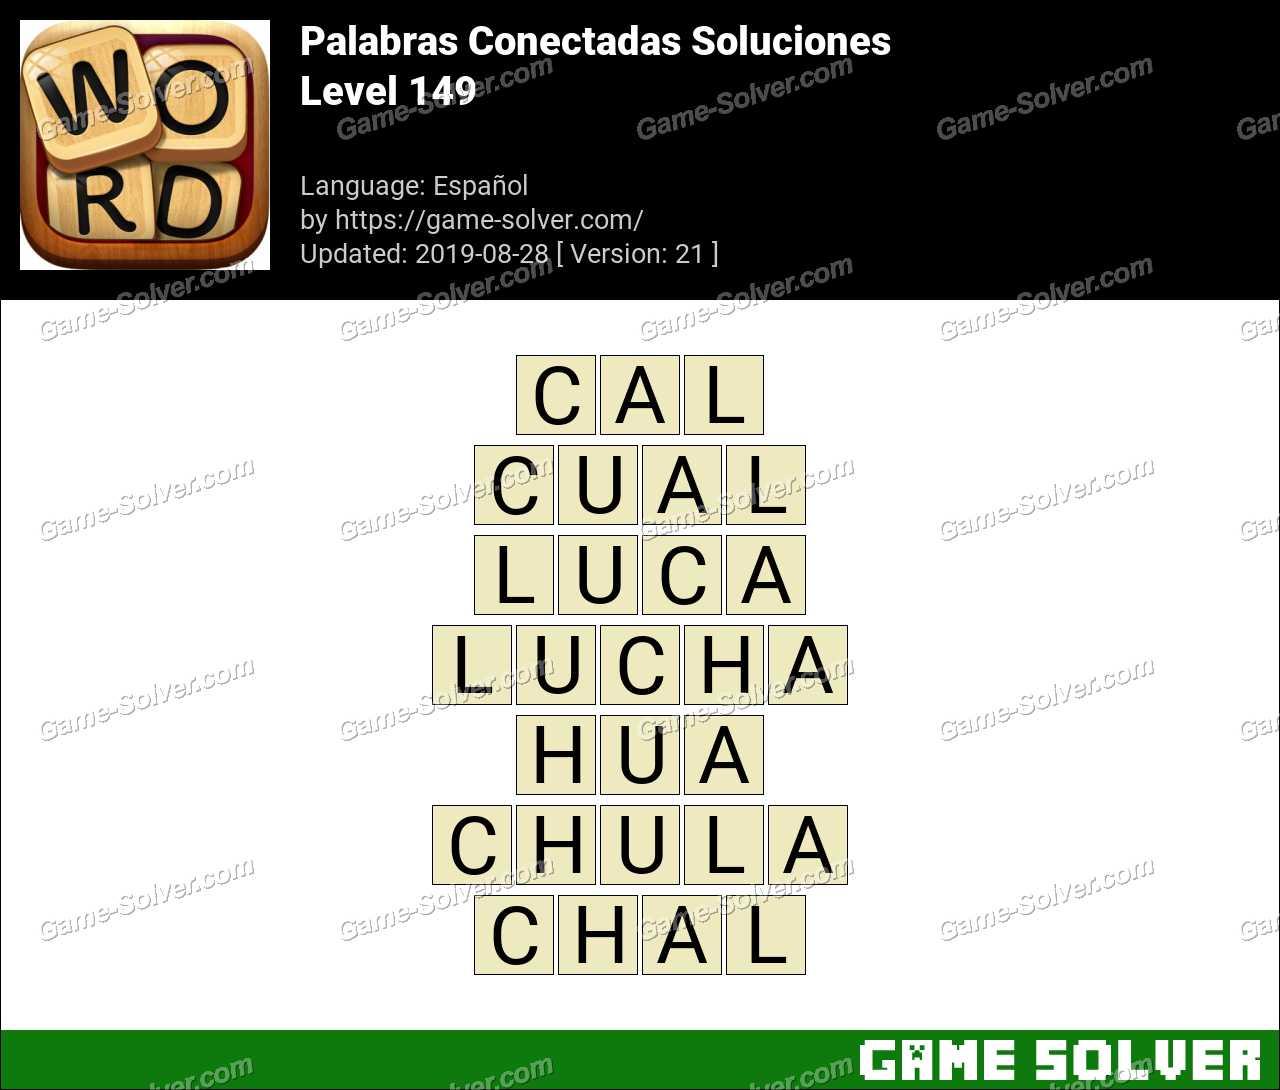 Palabras Conectadas Nivel 149 Soluciones